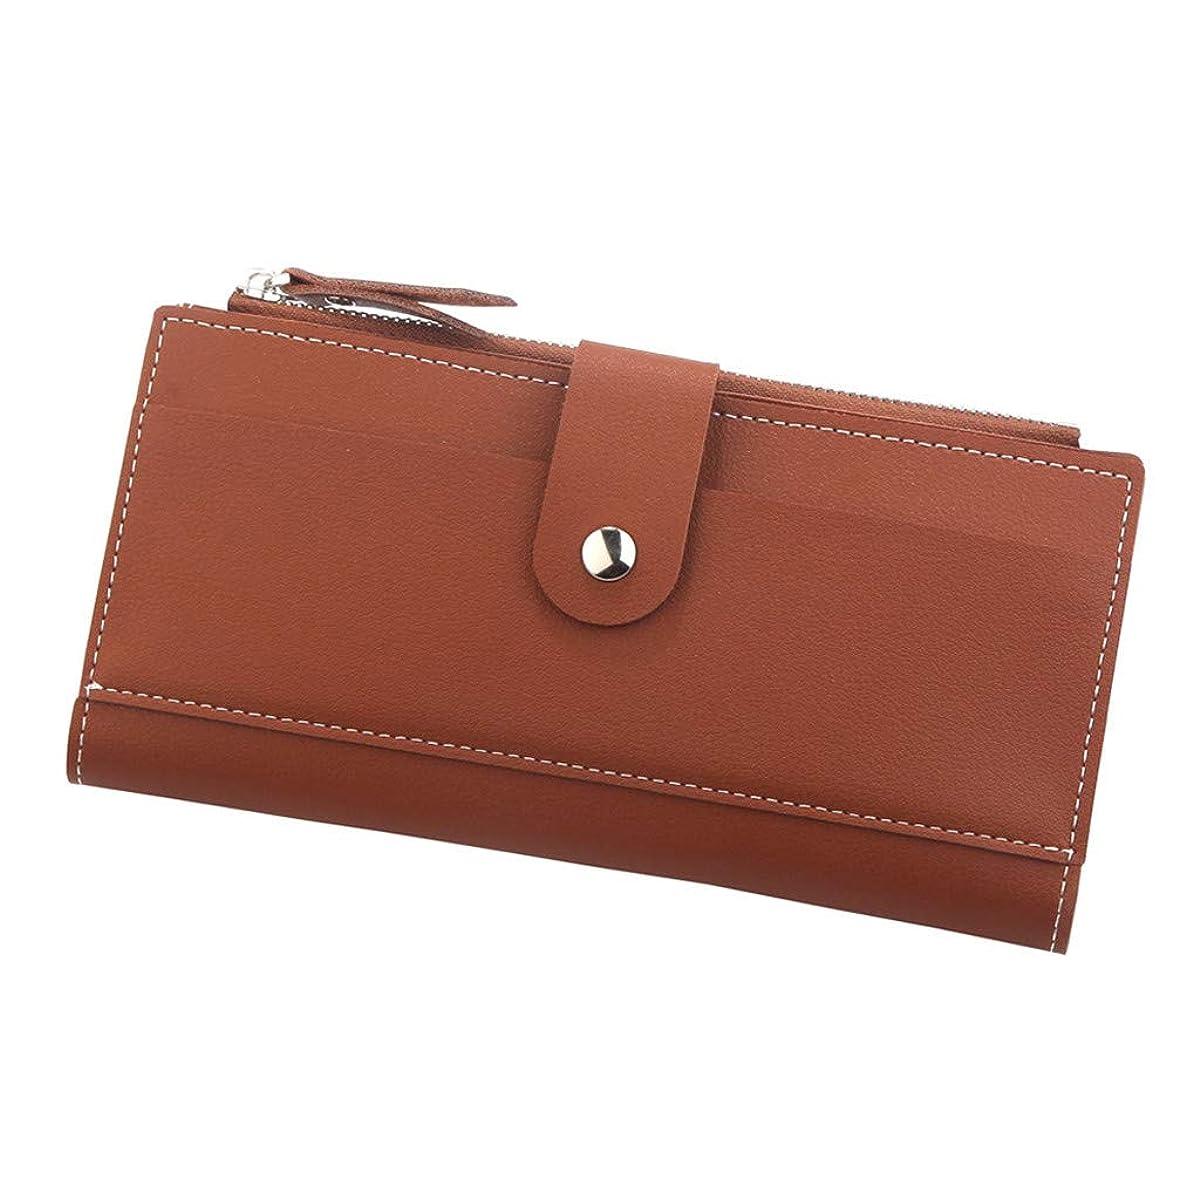 めまいが側代替案長財布 レディース 人気 安い YOKINO ハンドバッグ 手帳型 柔らかい 皮革 小銭入れ スマホケース 小銭入れ人気 カード大容 プレゼント使いやすい 高級感あり 手触り良い 女性用